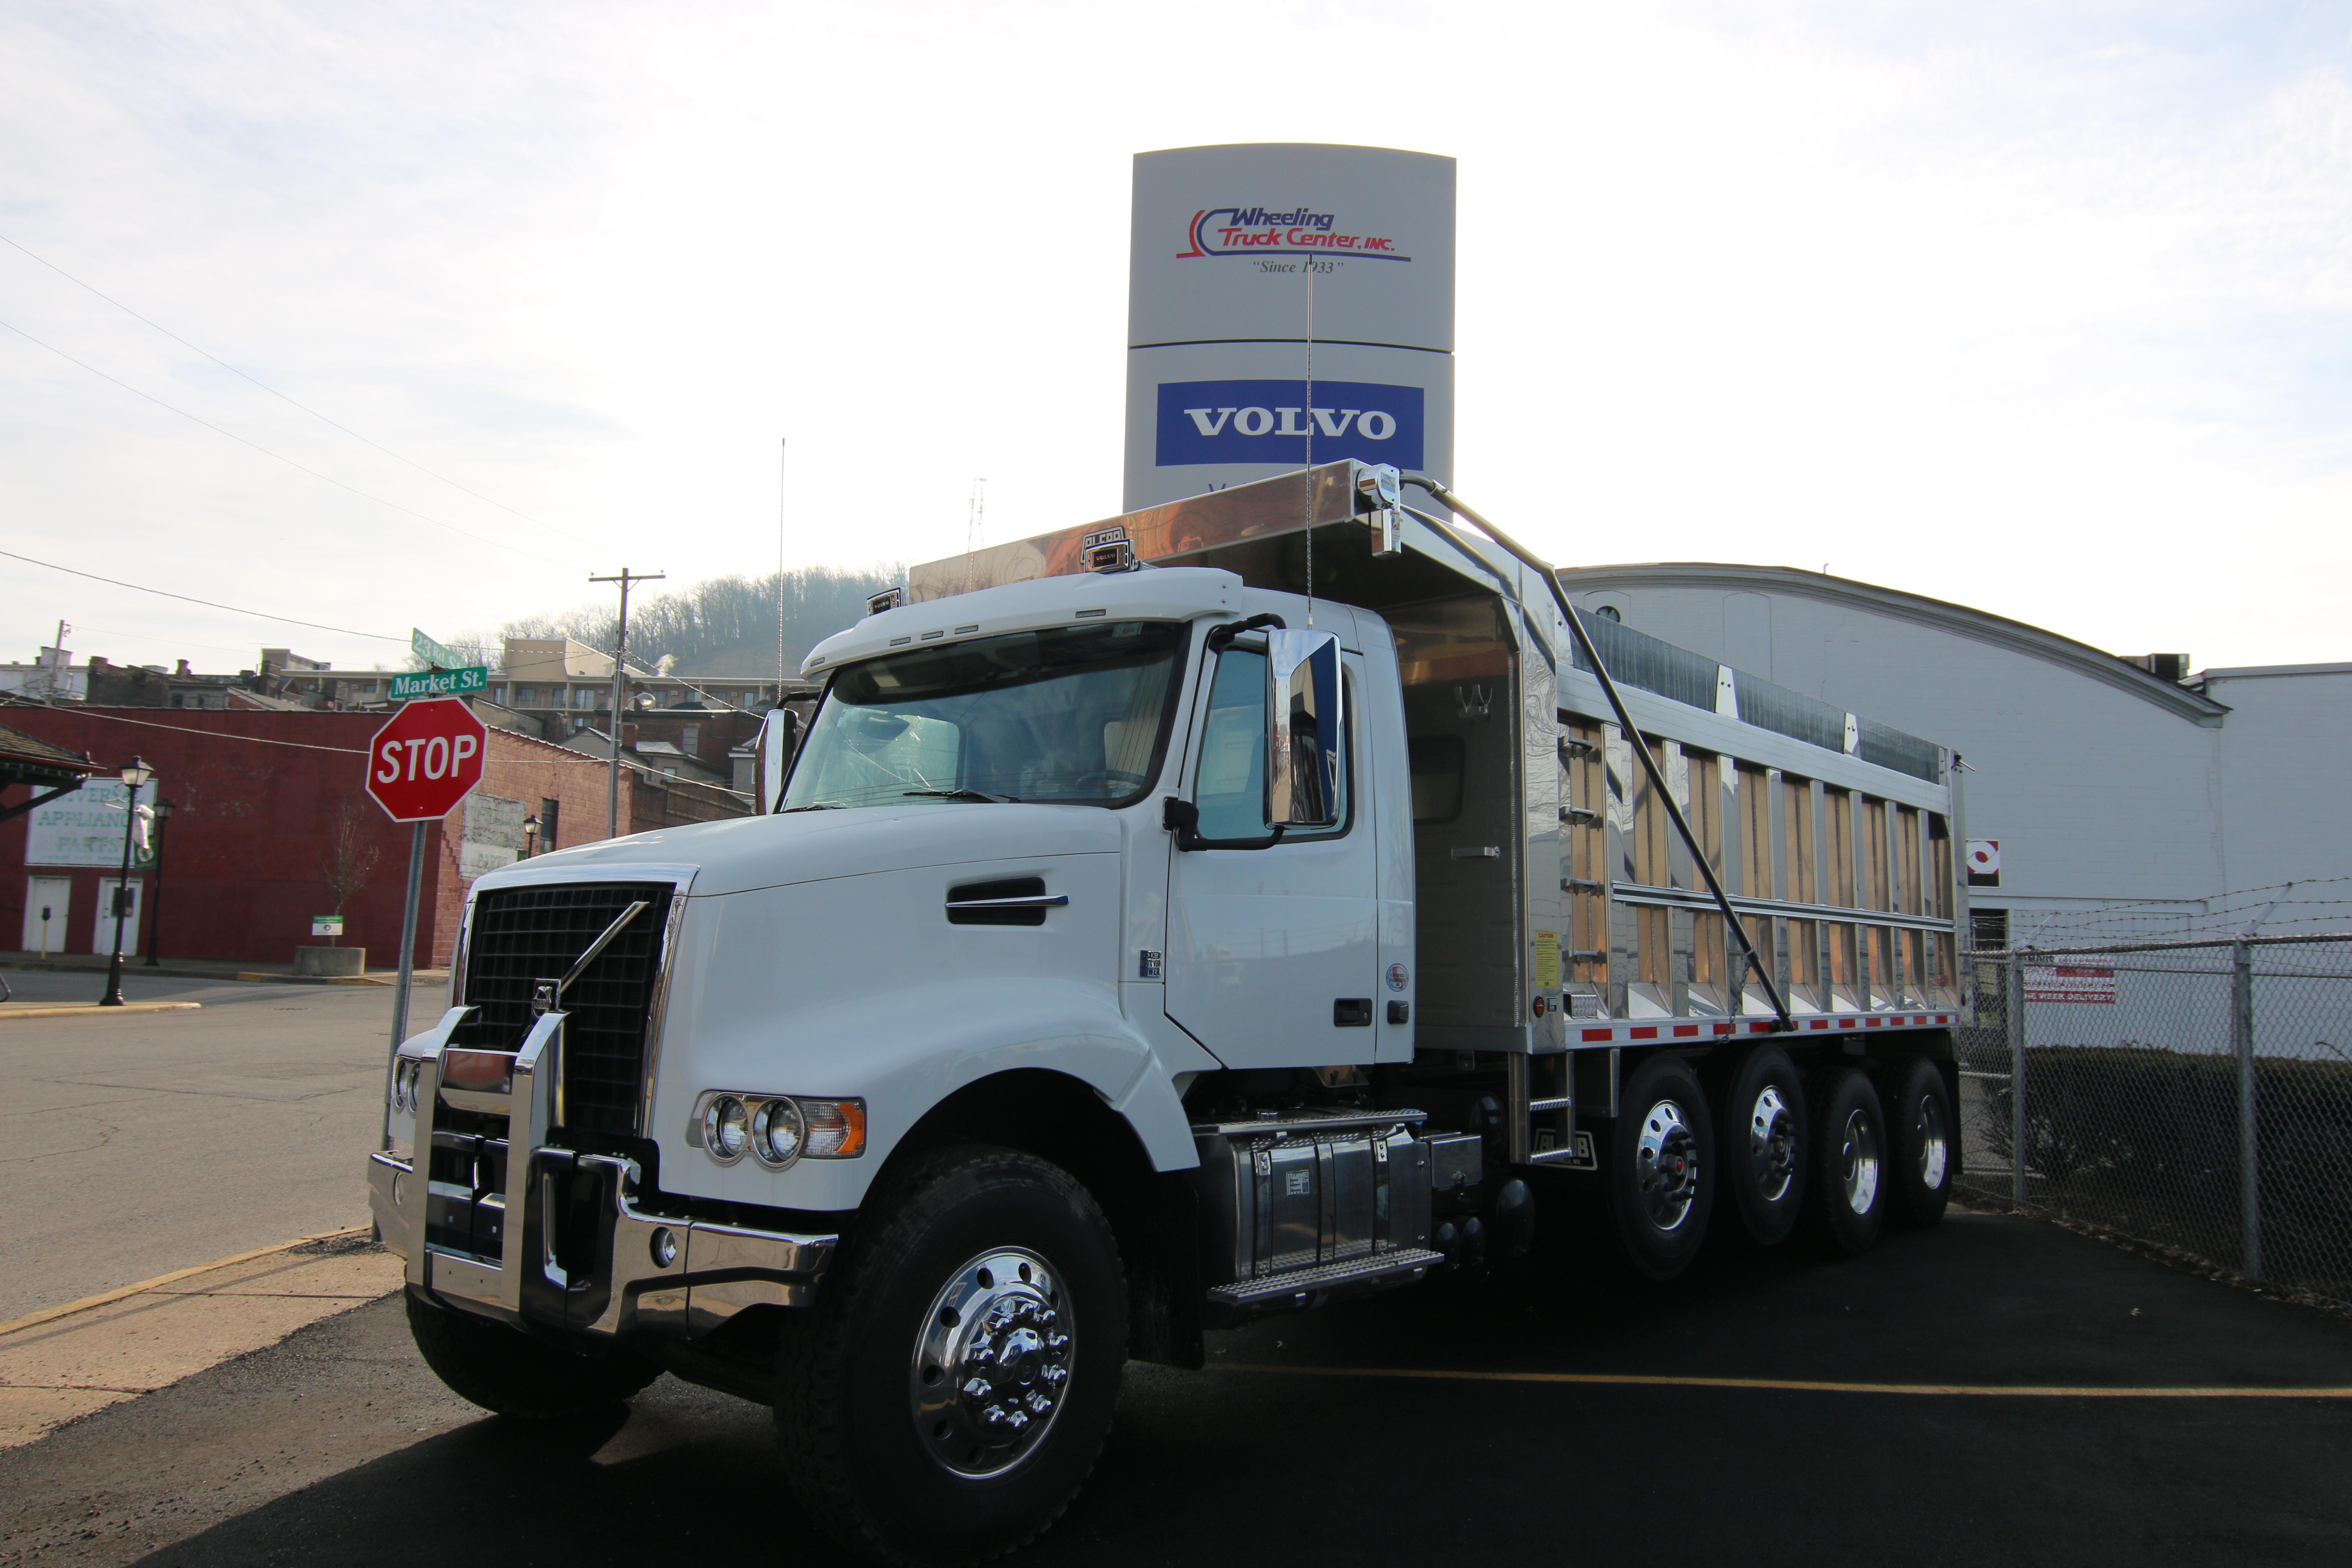 2016 Volvo Truck VHD Dump Truck - New Truck for Sale - Wheeling Truck Center